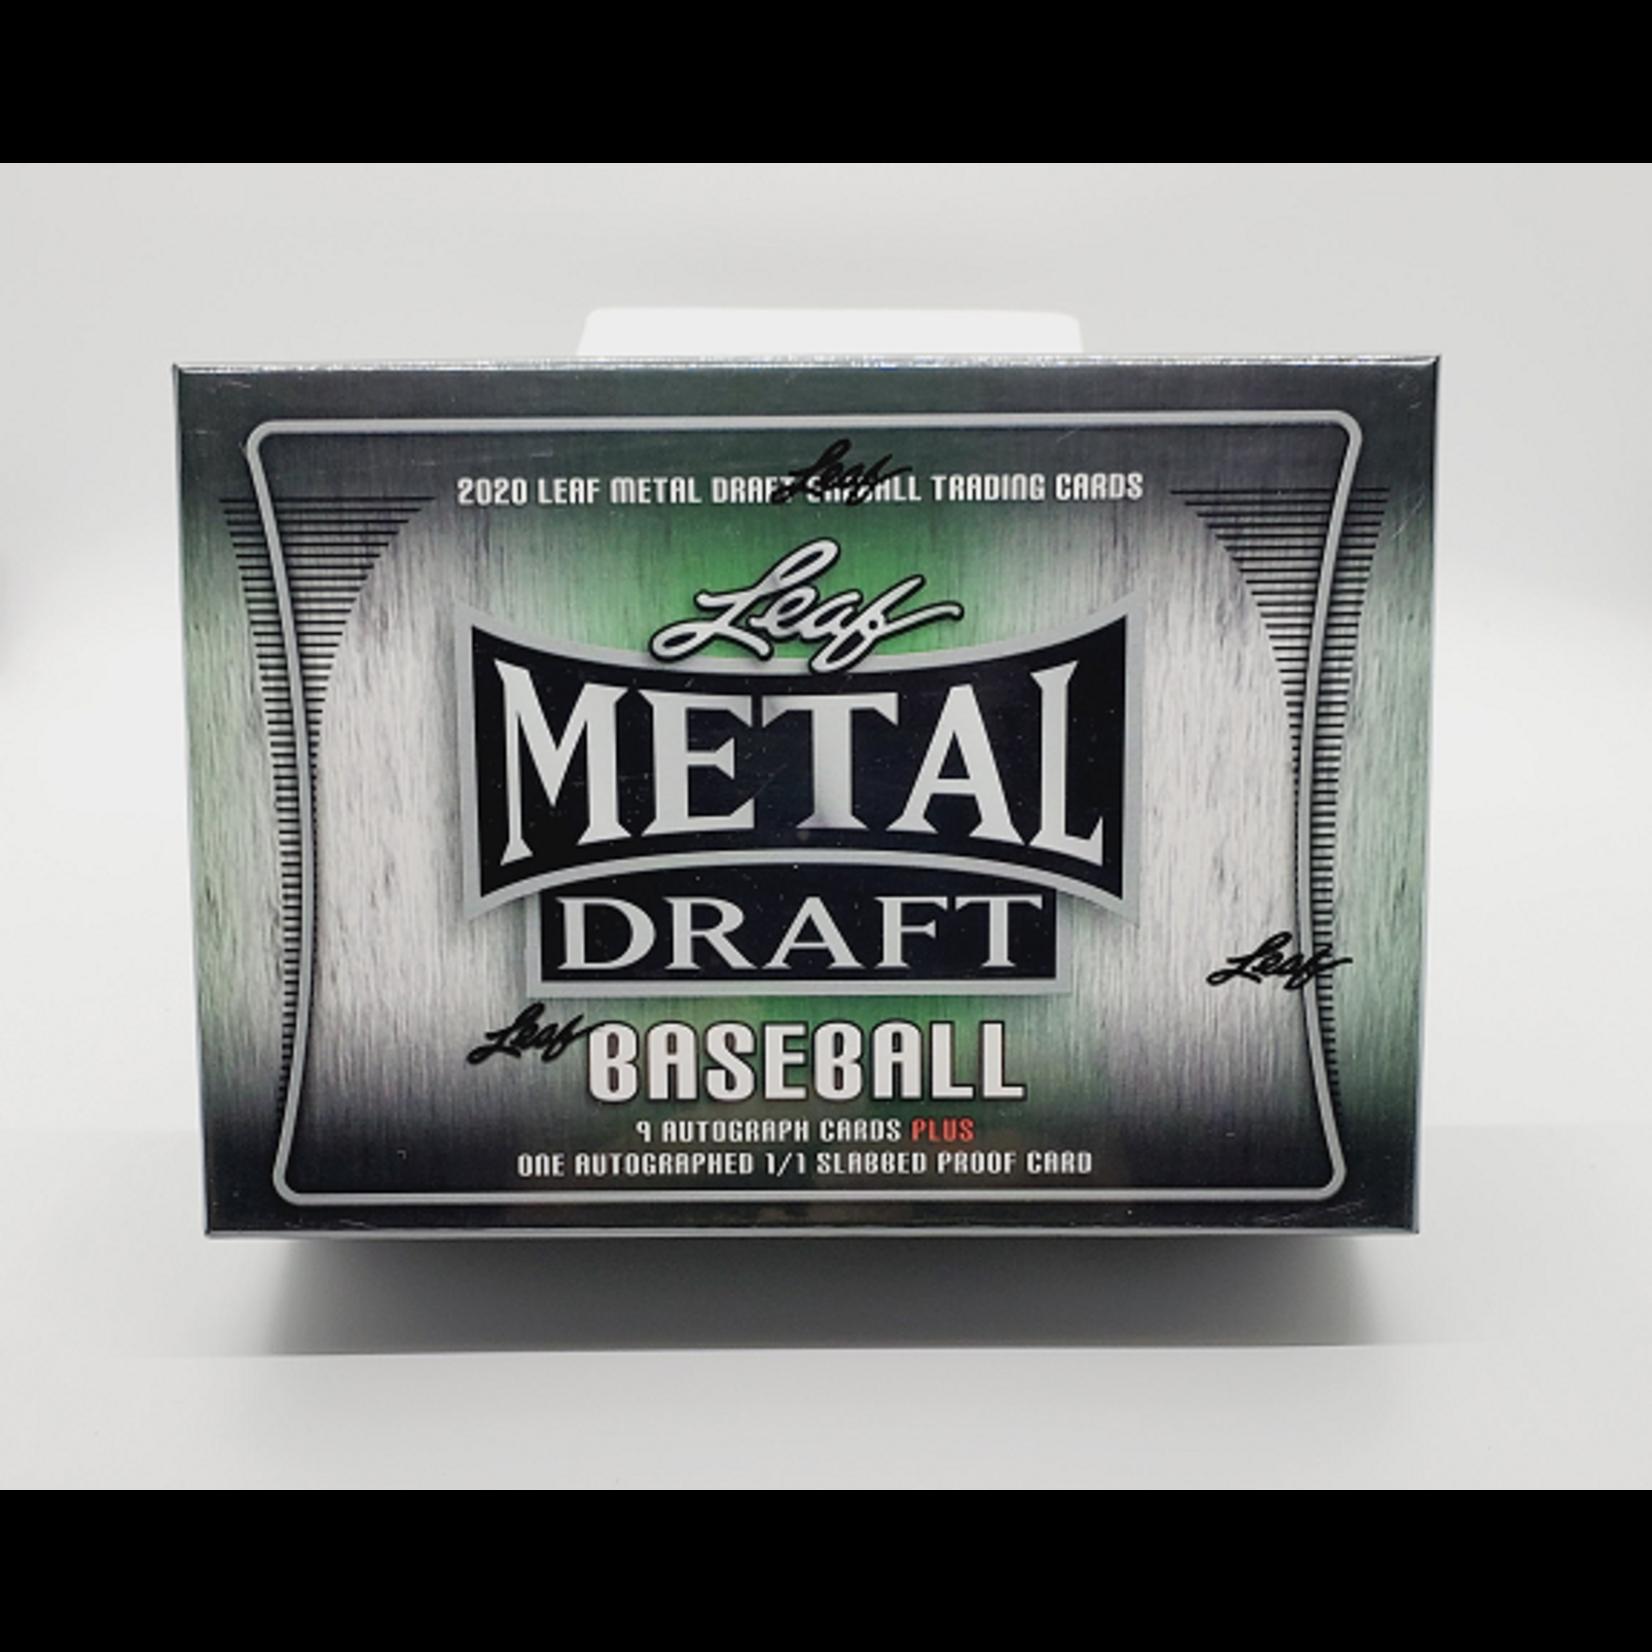 Leaf Trading Cards 2020 Leaf Metal Draft Baseball Jumbo Box